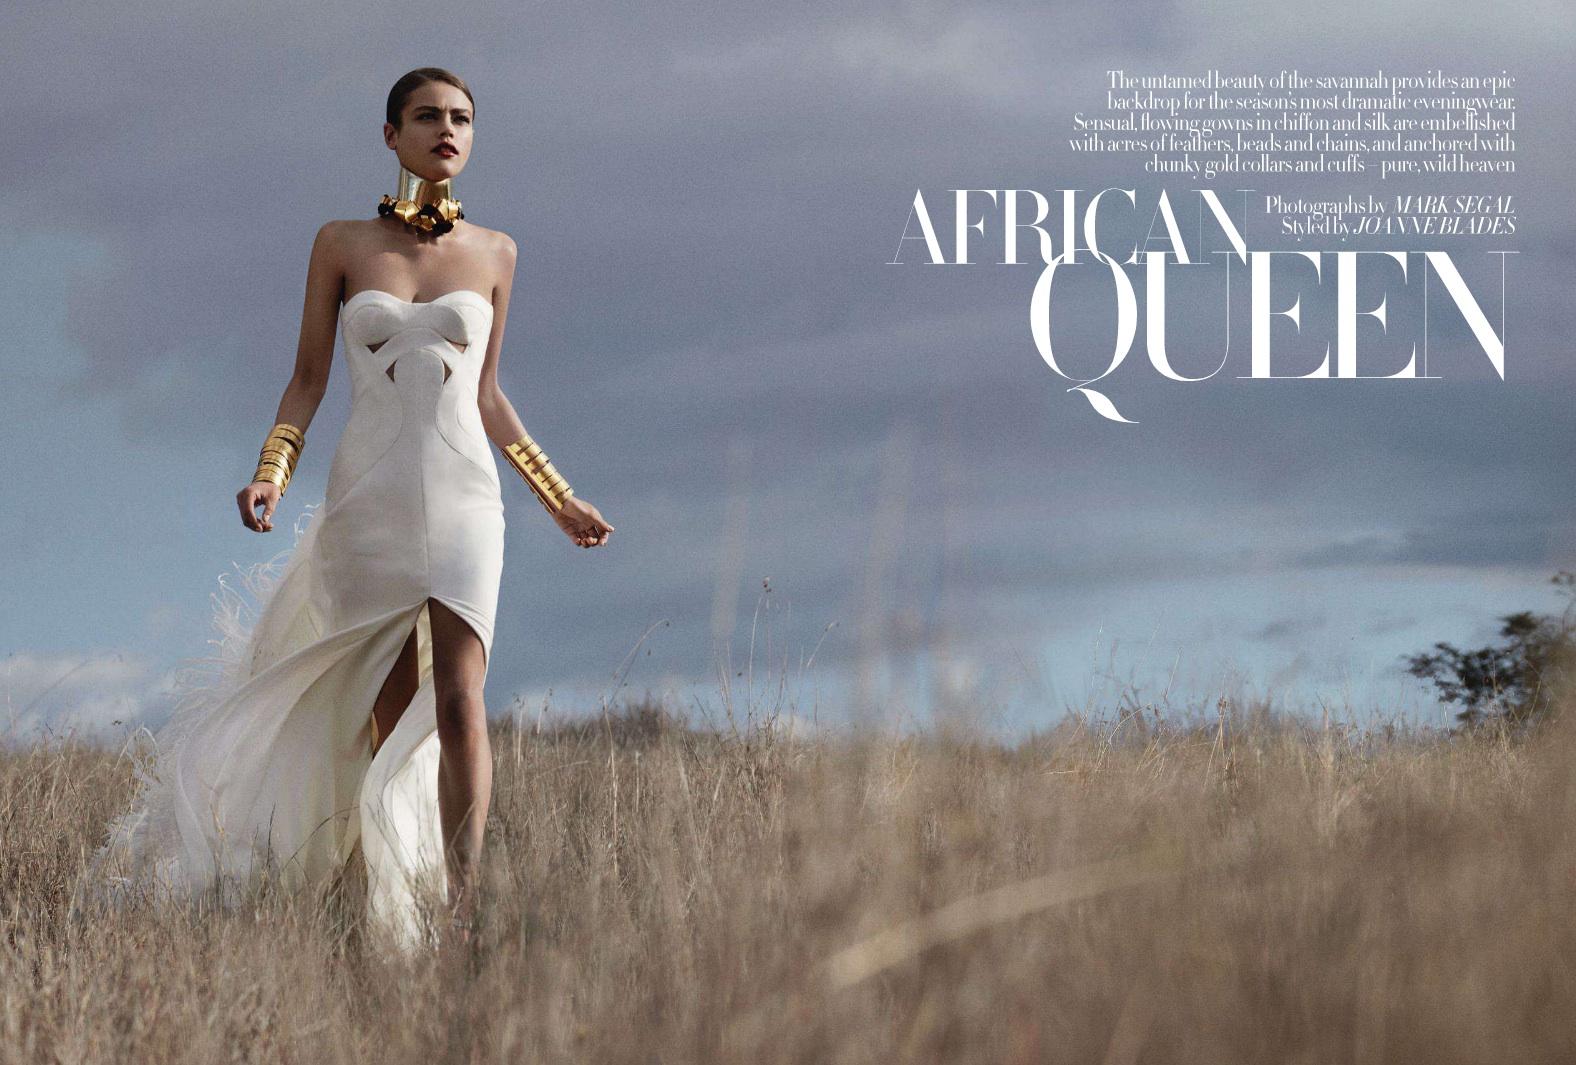 African Queen Quotes